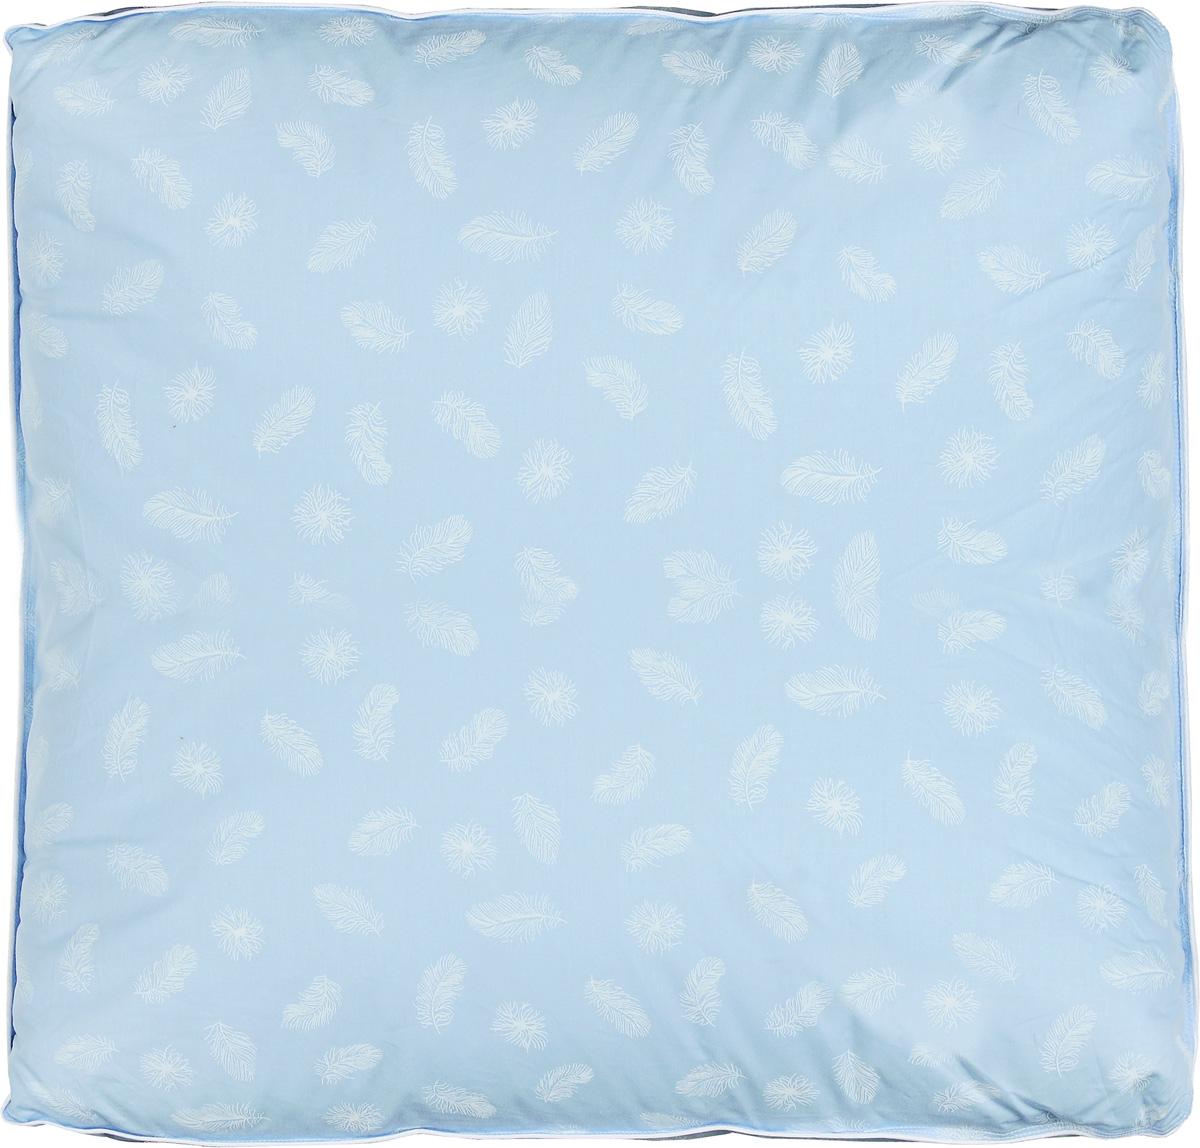 Подушка Легкие сны Донна, наполнитель: гусиный пух второй категории, 60 x 60 см66(14)02-ПЭПодушка Легкие сны Донна поможет расслабиться, снимет усталость и подарит вам спокойный и здоровый сон. Наполнителем является воздушный и легкий гусиный пух второй категории. Чехол выполнен из гладкого, шелковистого и при этом достаточно прочного тика (100% хлопка). По краю подушки выполнена отделка кантом. Это отличный вариант для подарка себе и своим близким и любимым.Степень поддержки: упругая.Рекомендации по уходу:Деликатная стирка при температуре воды до 30°С.Отбеливание, барабанная сушка и глажка запрещены.Разрешается обычная химчистка.